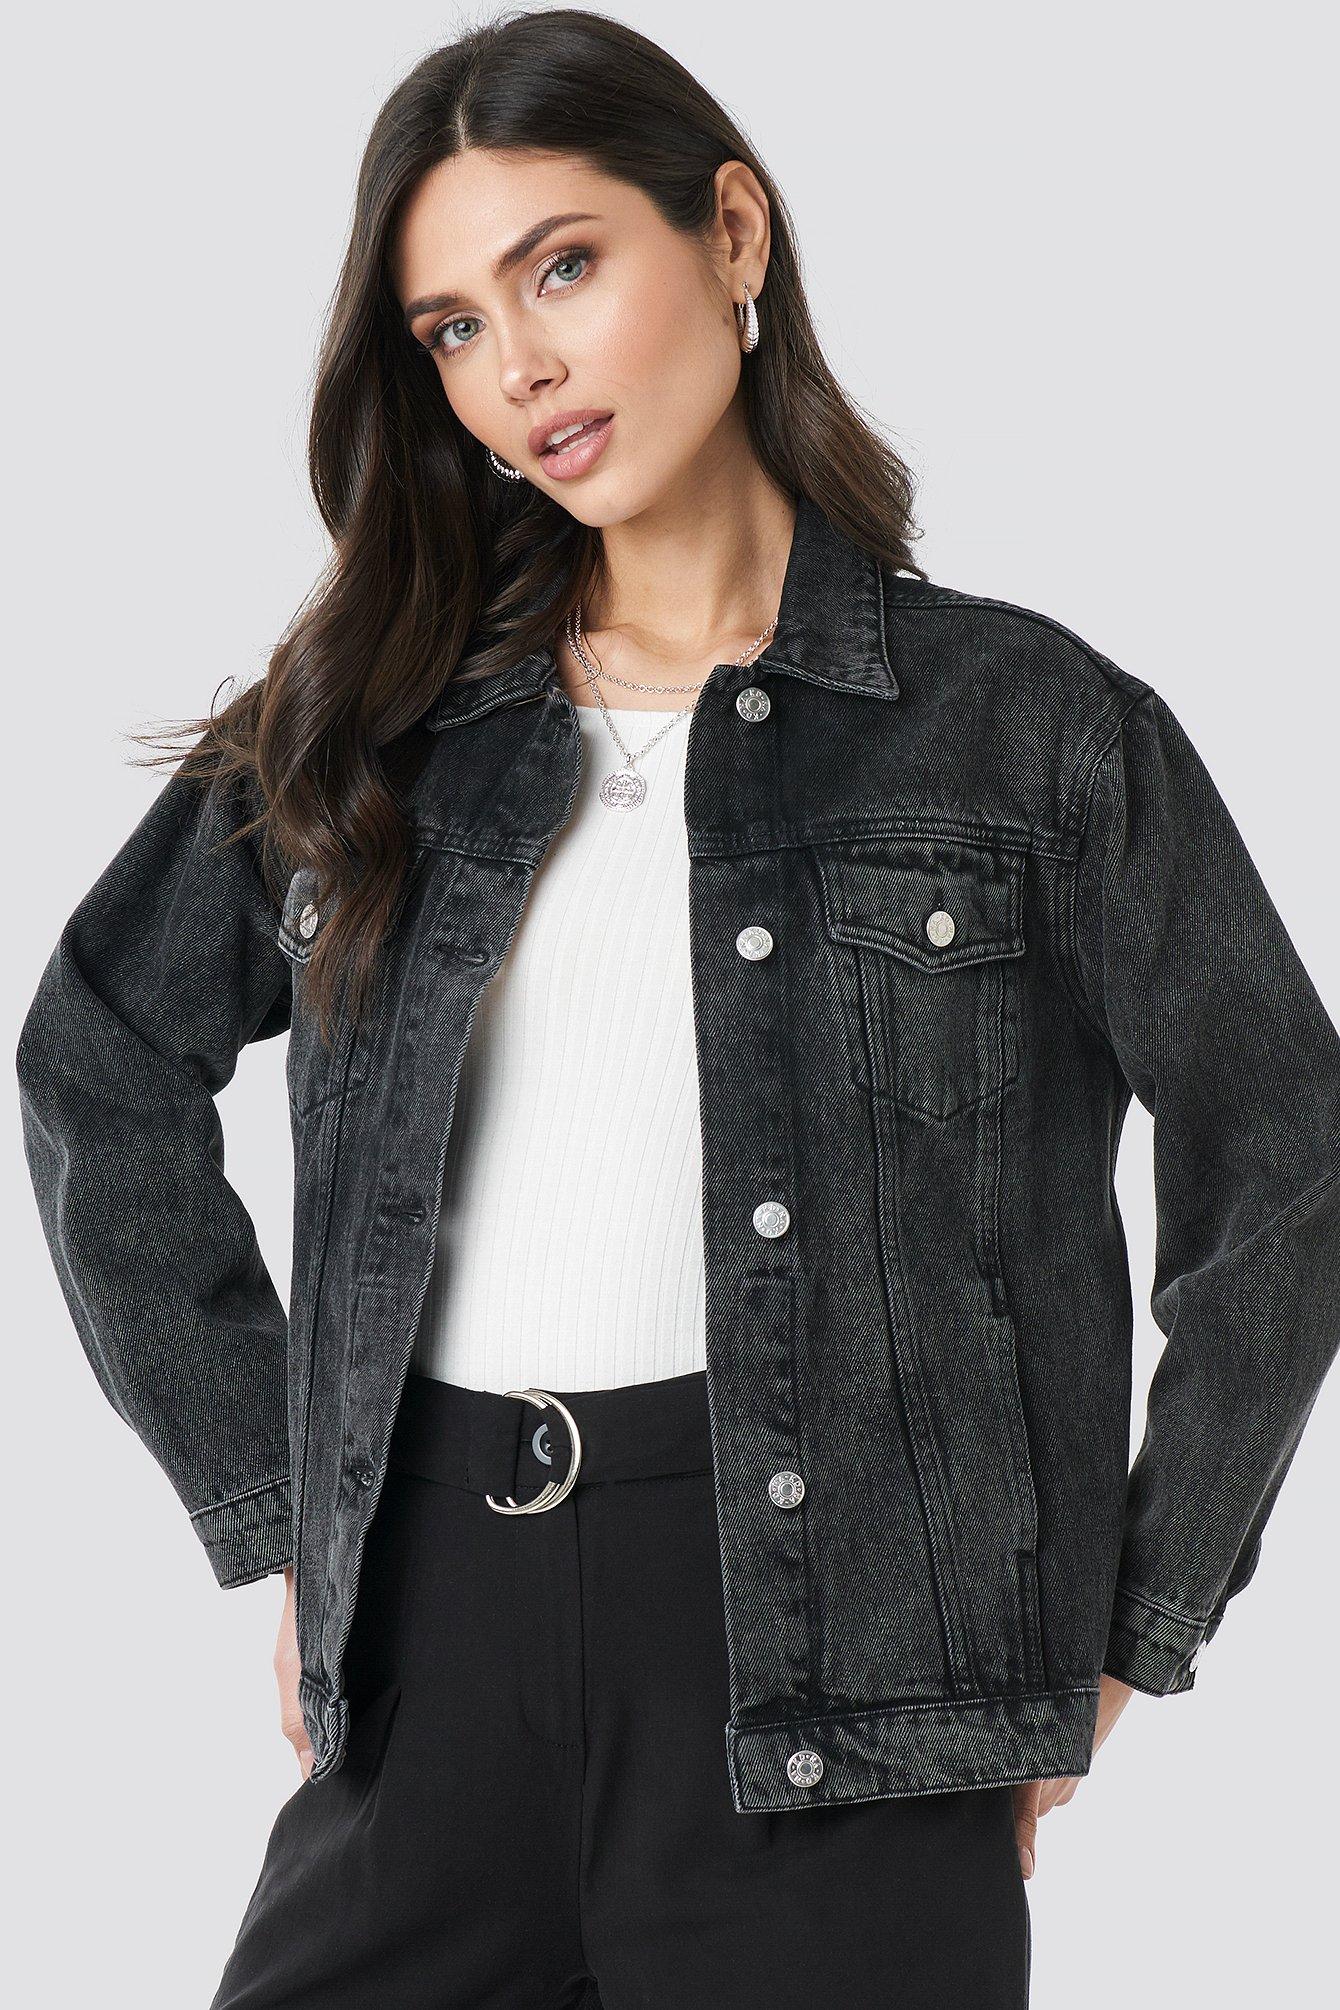 Long Oversized Denim Jacket Svart by Na Kd Trend